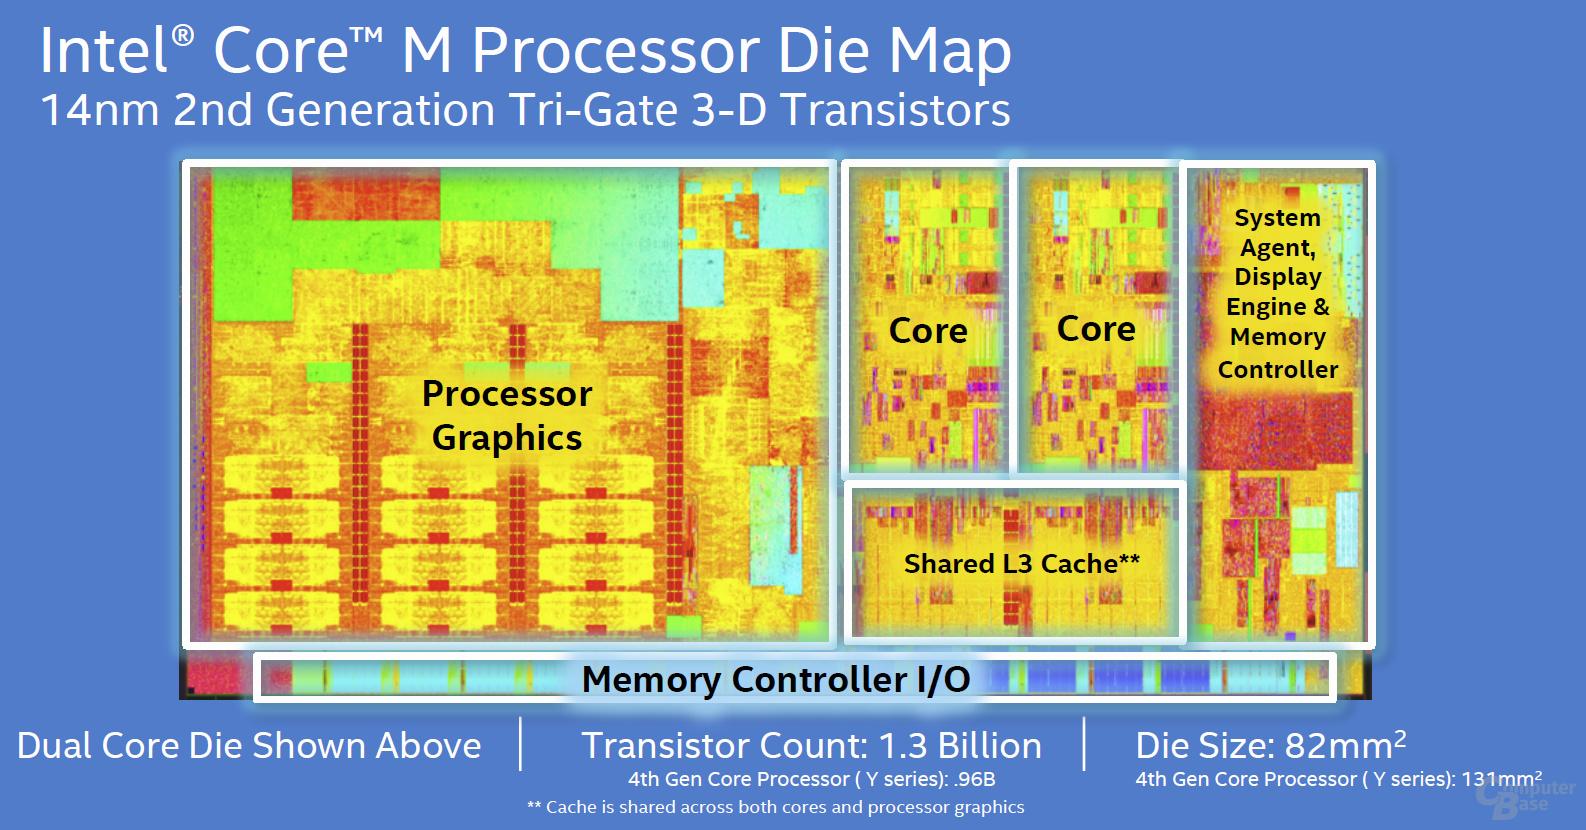 Core M Die Map